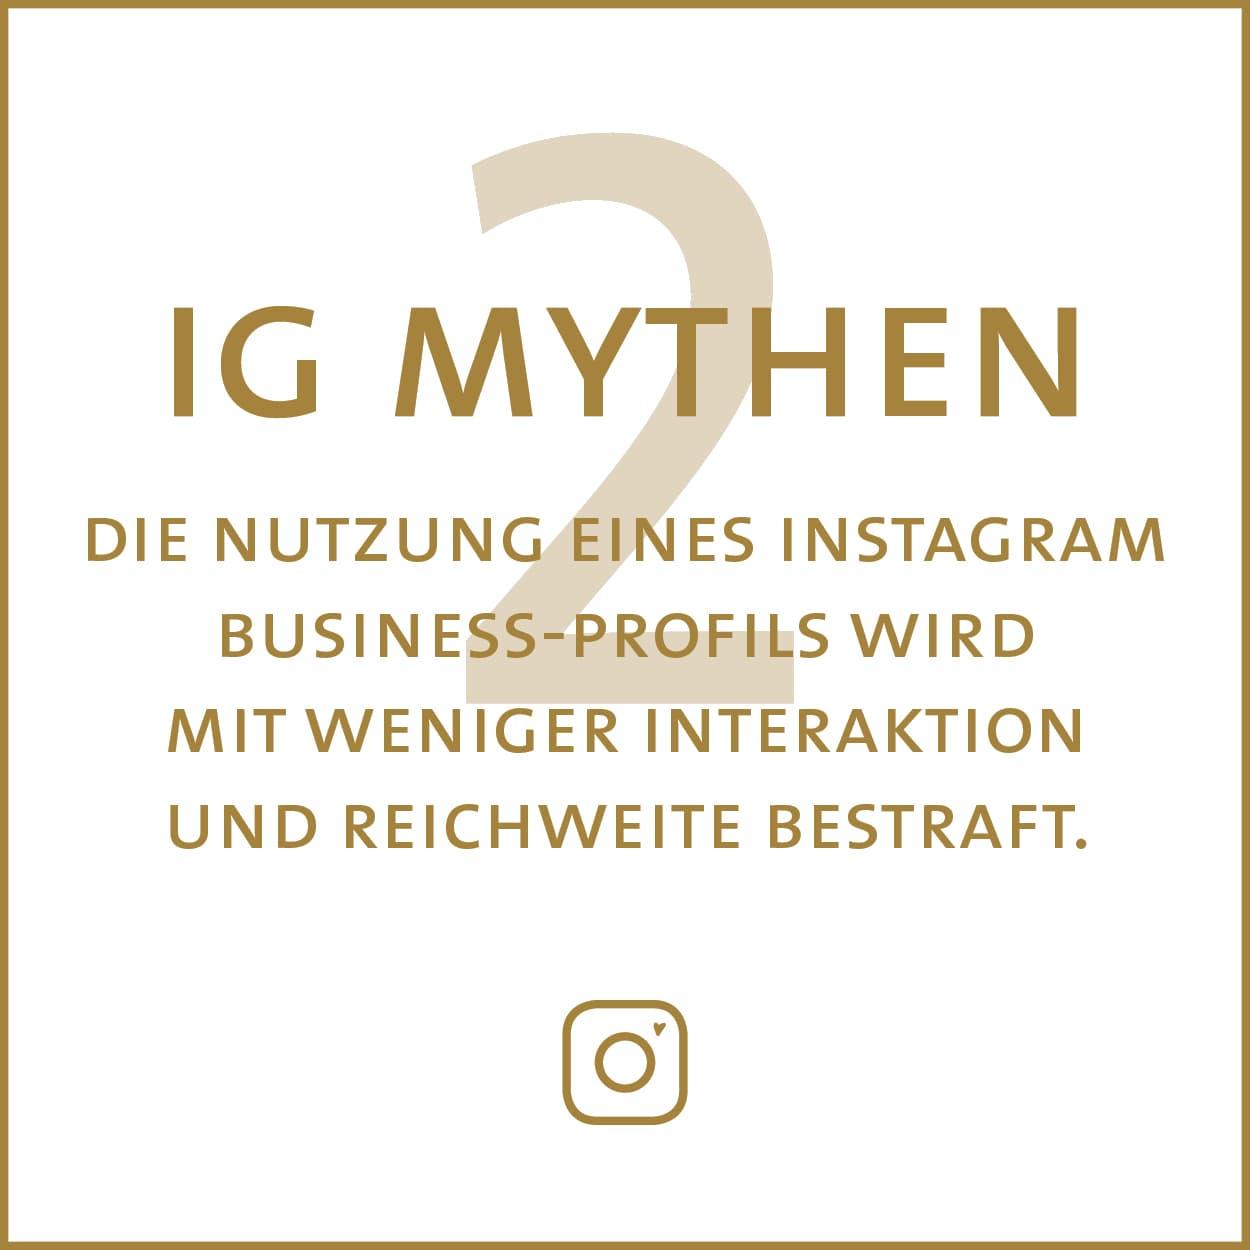 Mythbusting: Die Nutzung eines Instagram Business Profils wird mit weniger Reichweite bestraft